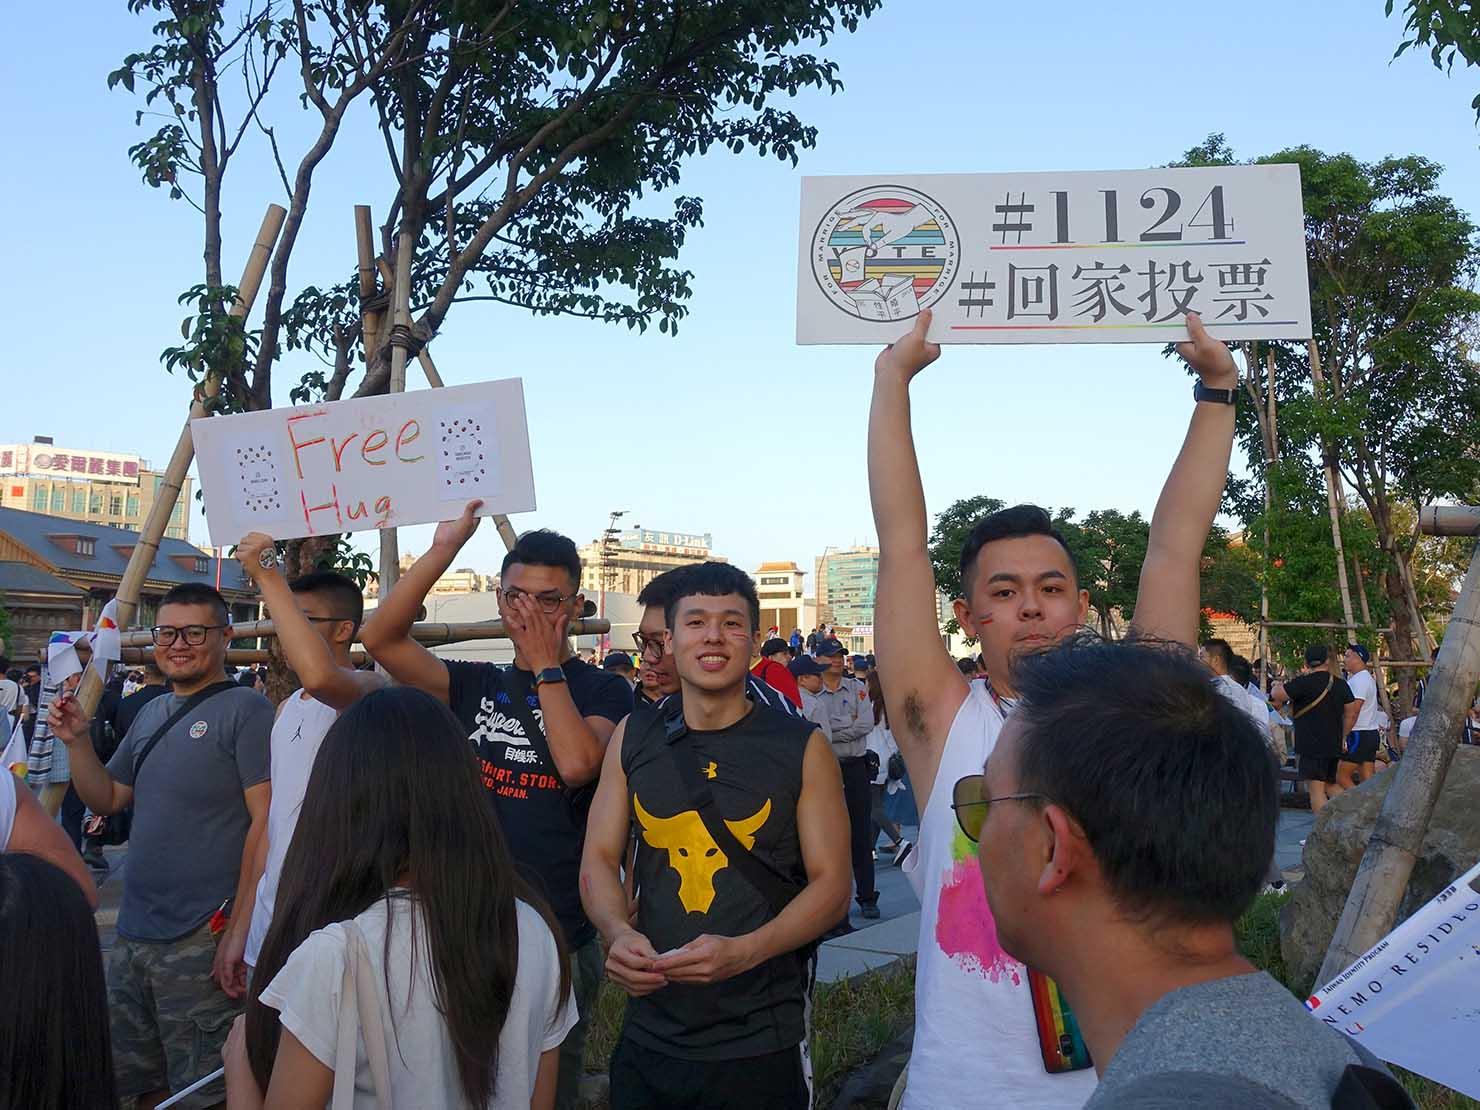 台灣同志遊行(台湾LGBTプライド)2018で国民投票を呼びかける参加者たち